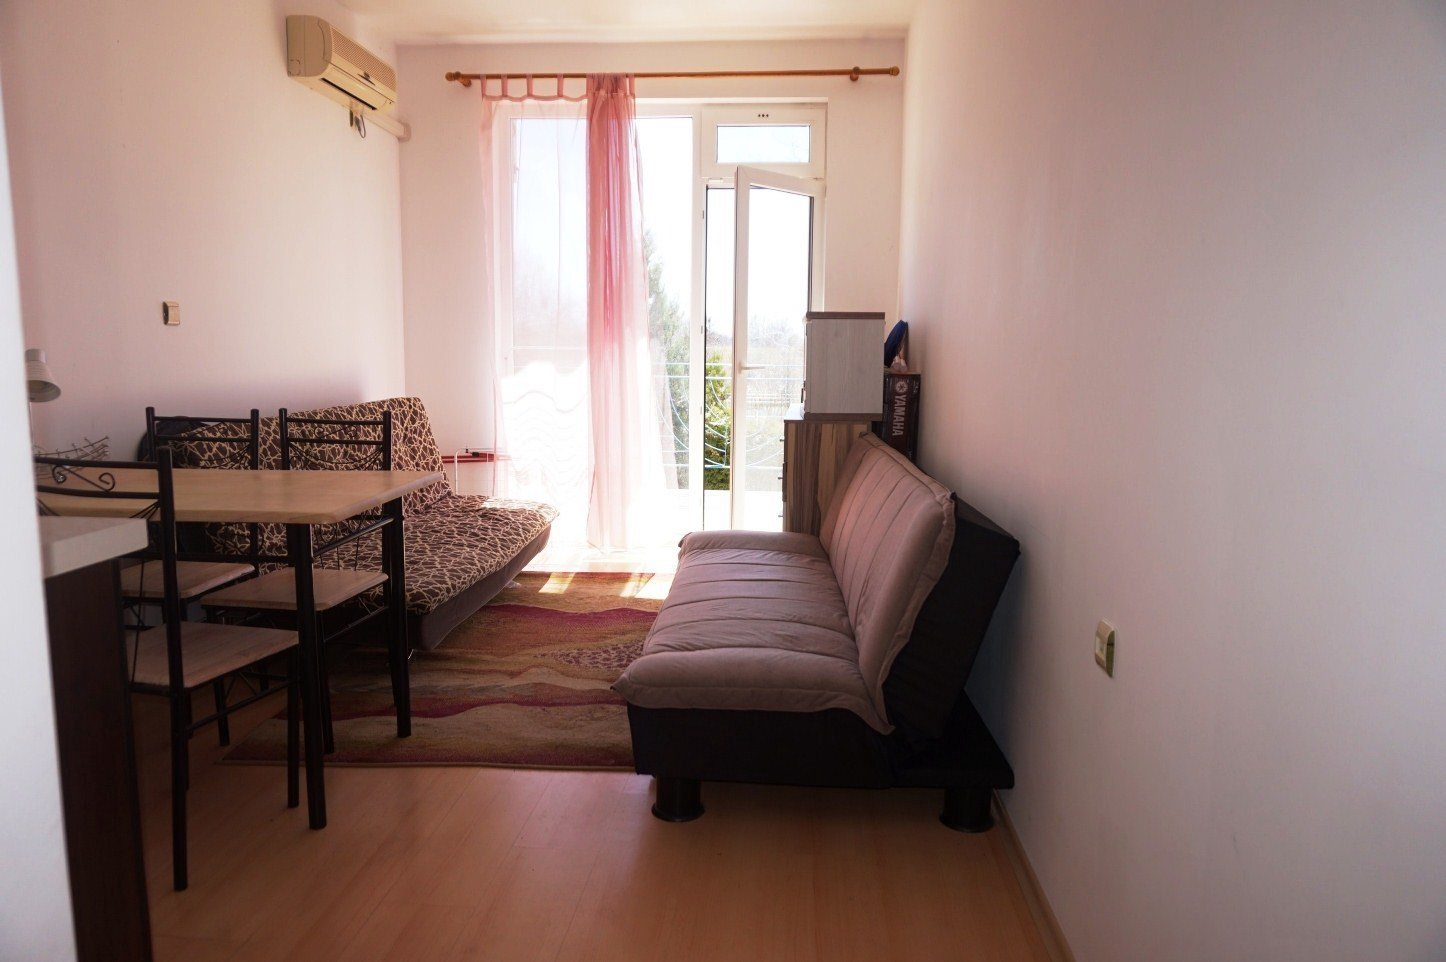 27,76sq.m studio apartment for sale in Bulgaria